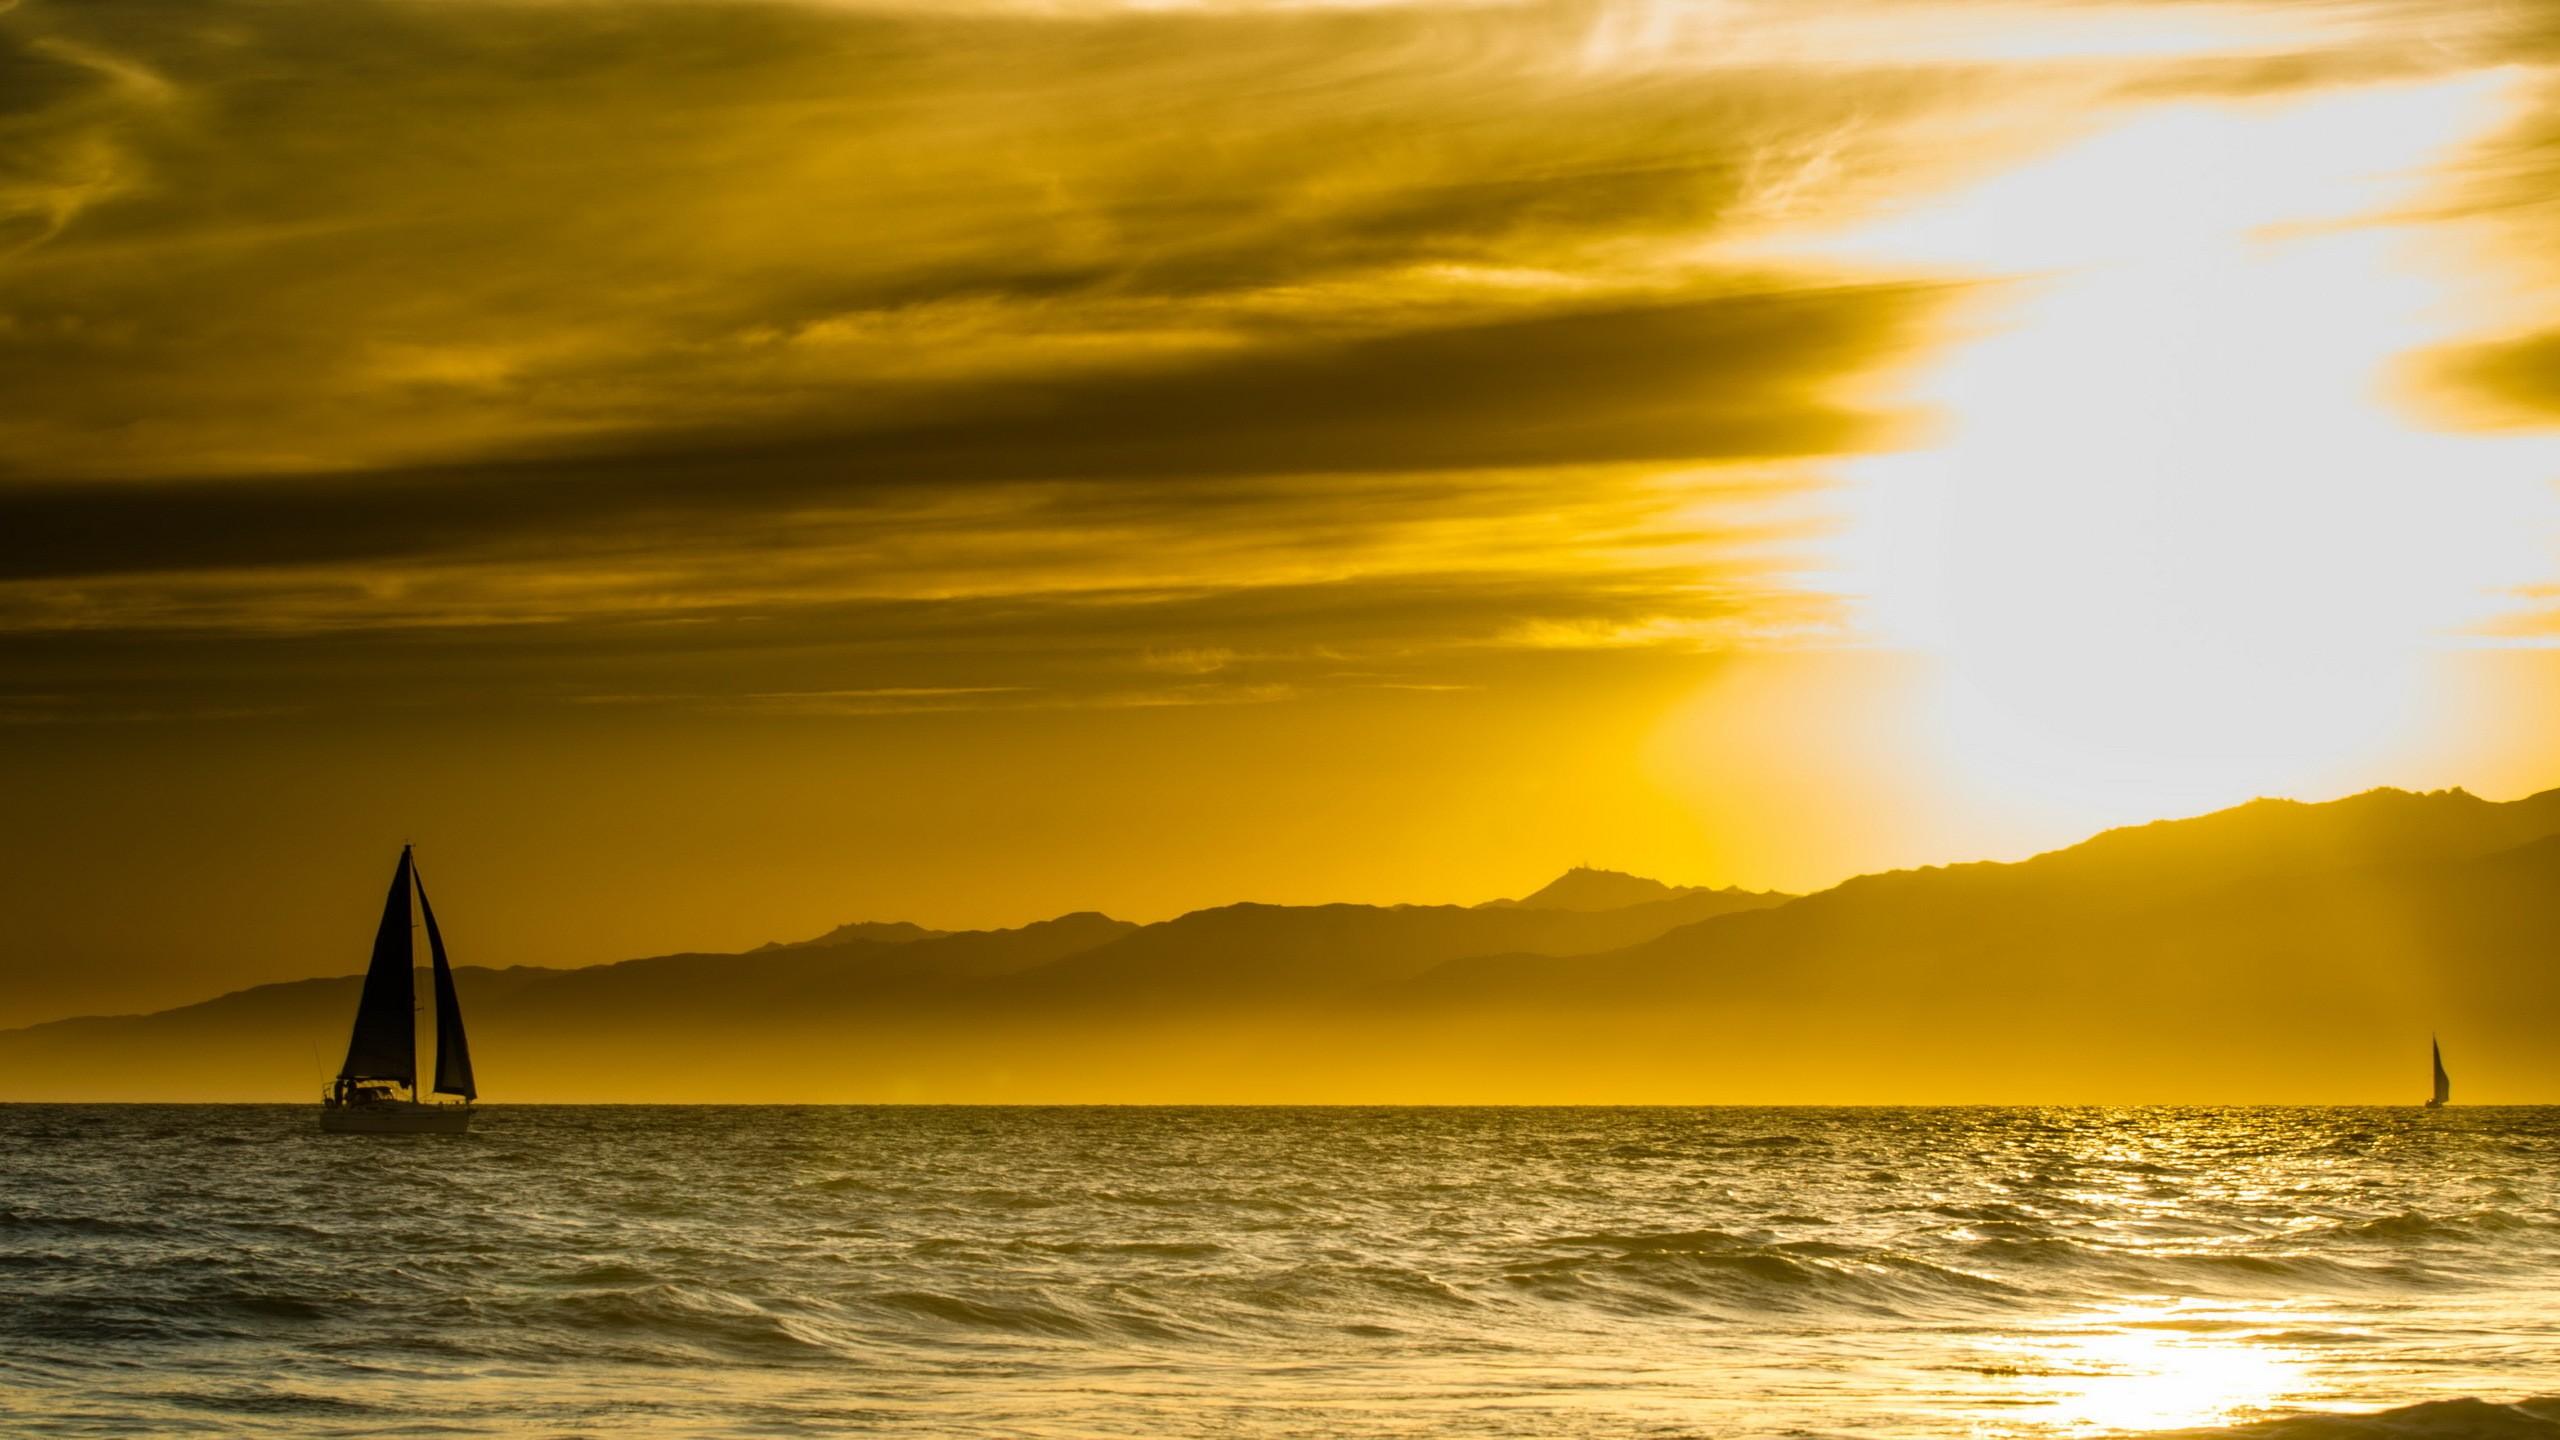 oceans-ocean-sky-sunset.jpg